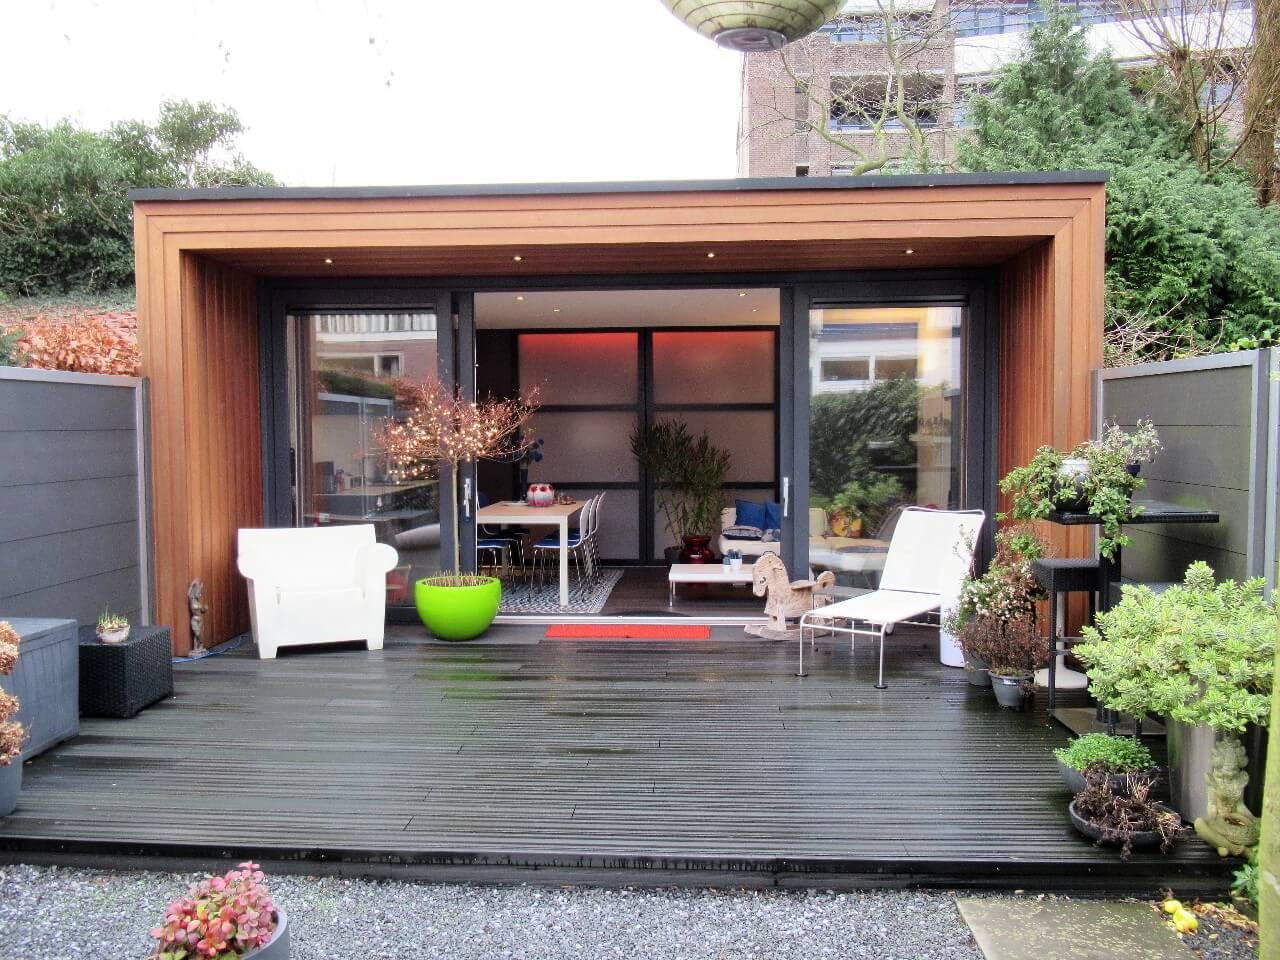 Tuinkantoor bouwen uw eigen tuinkantoor in de tuin solilux.nl